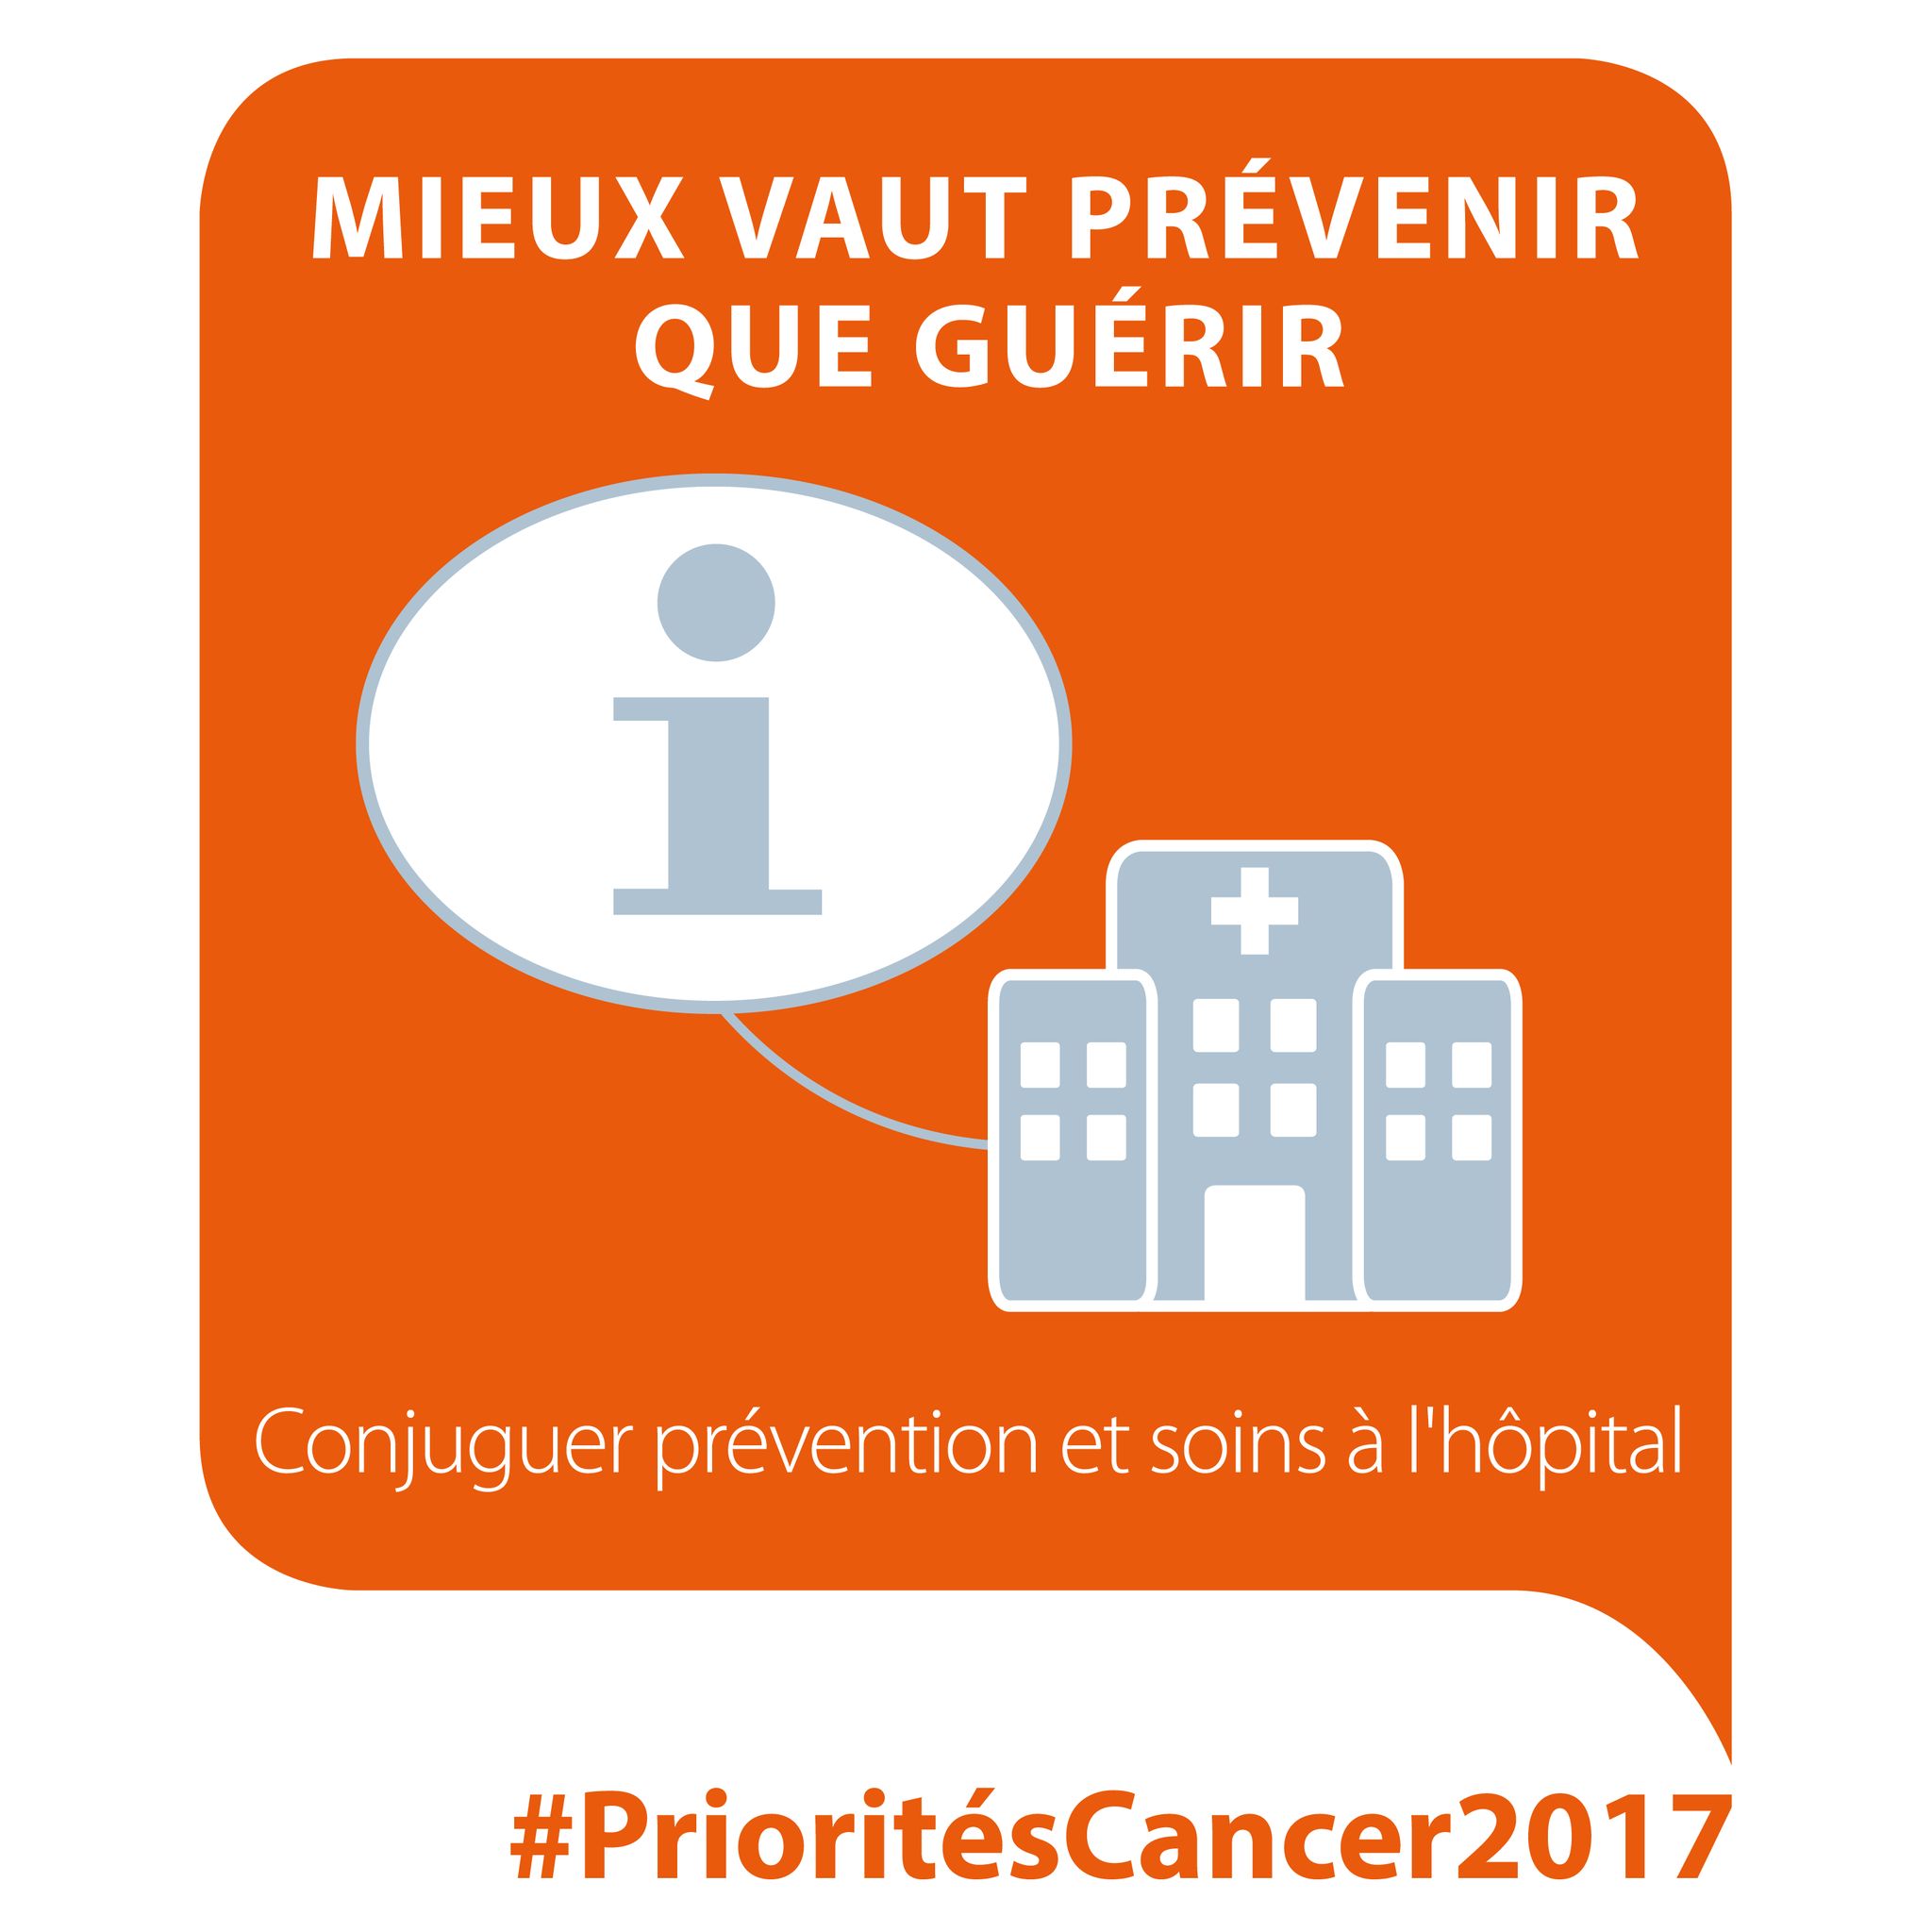 Unicancer On Twitter Etendre La Mission Curative Des Etablissements De Sante A Des Actions De Prevention Ciblee Prioritescancer2017